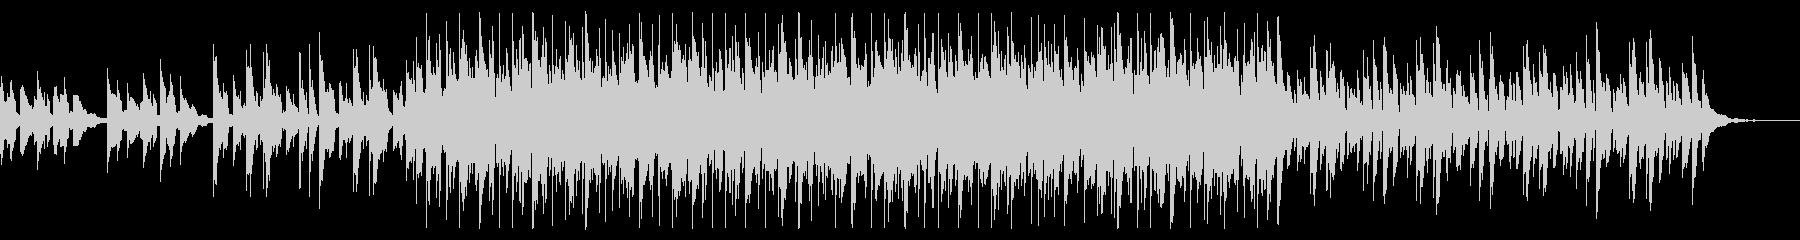 スローテンポで幻想的なシンセサイザーの曲の未再生の波形